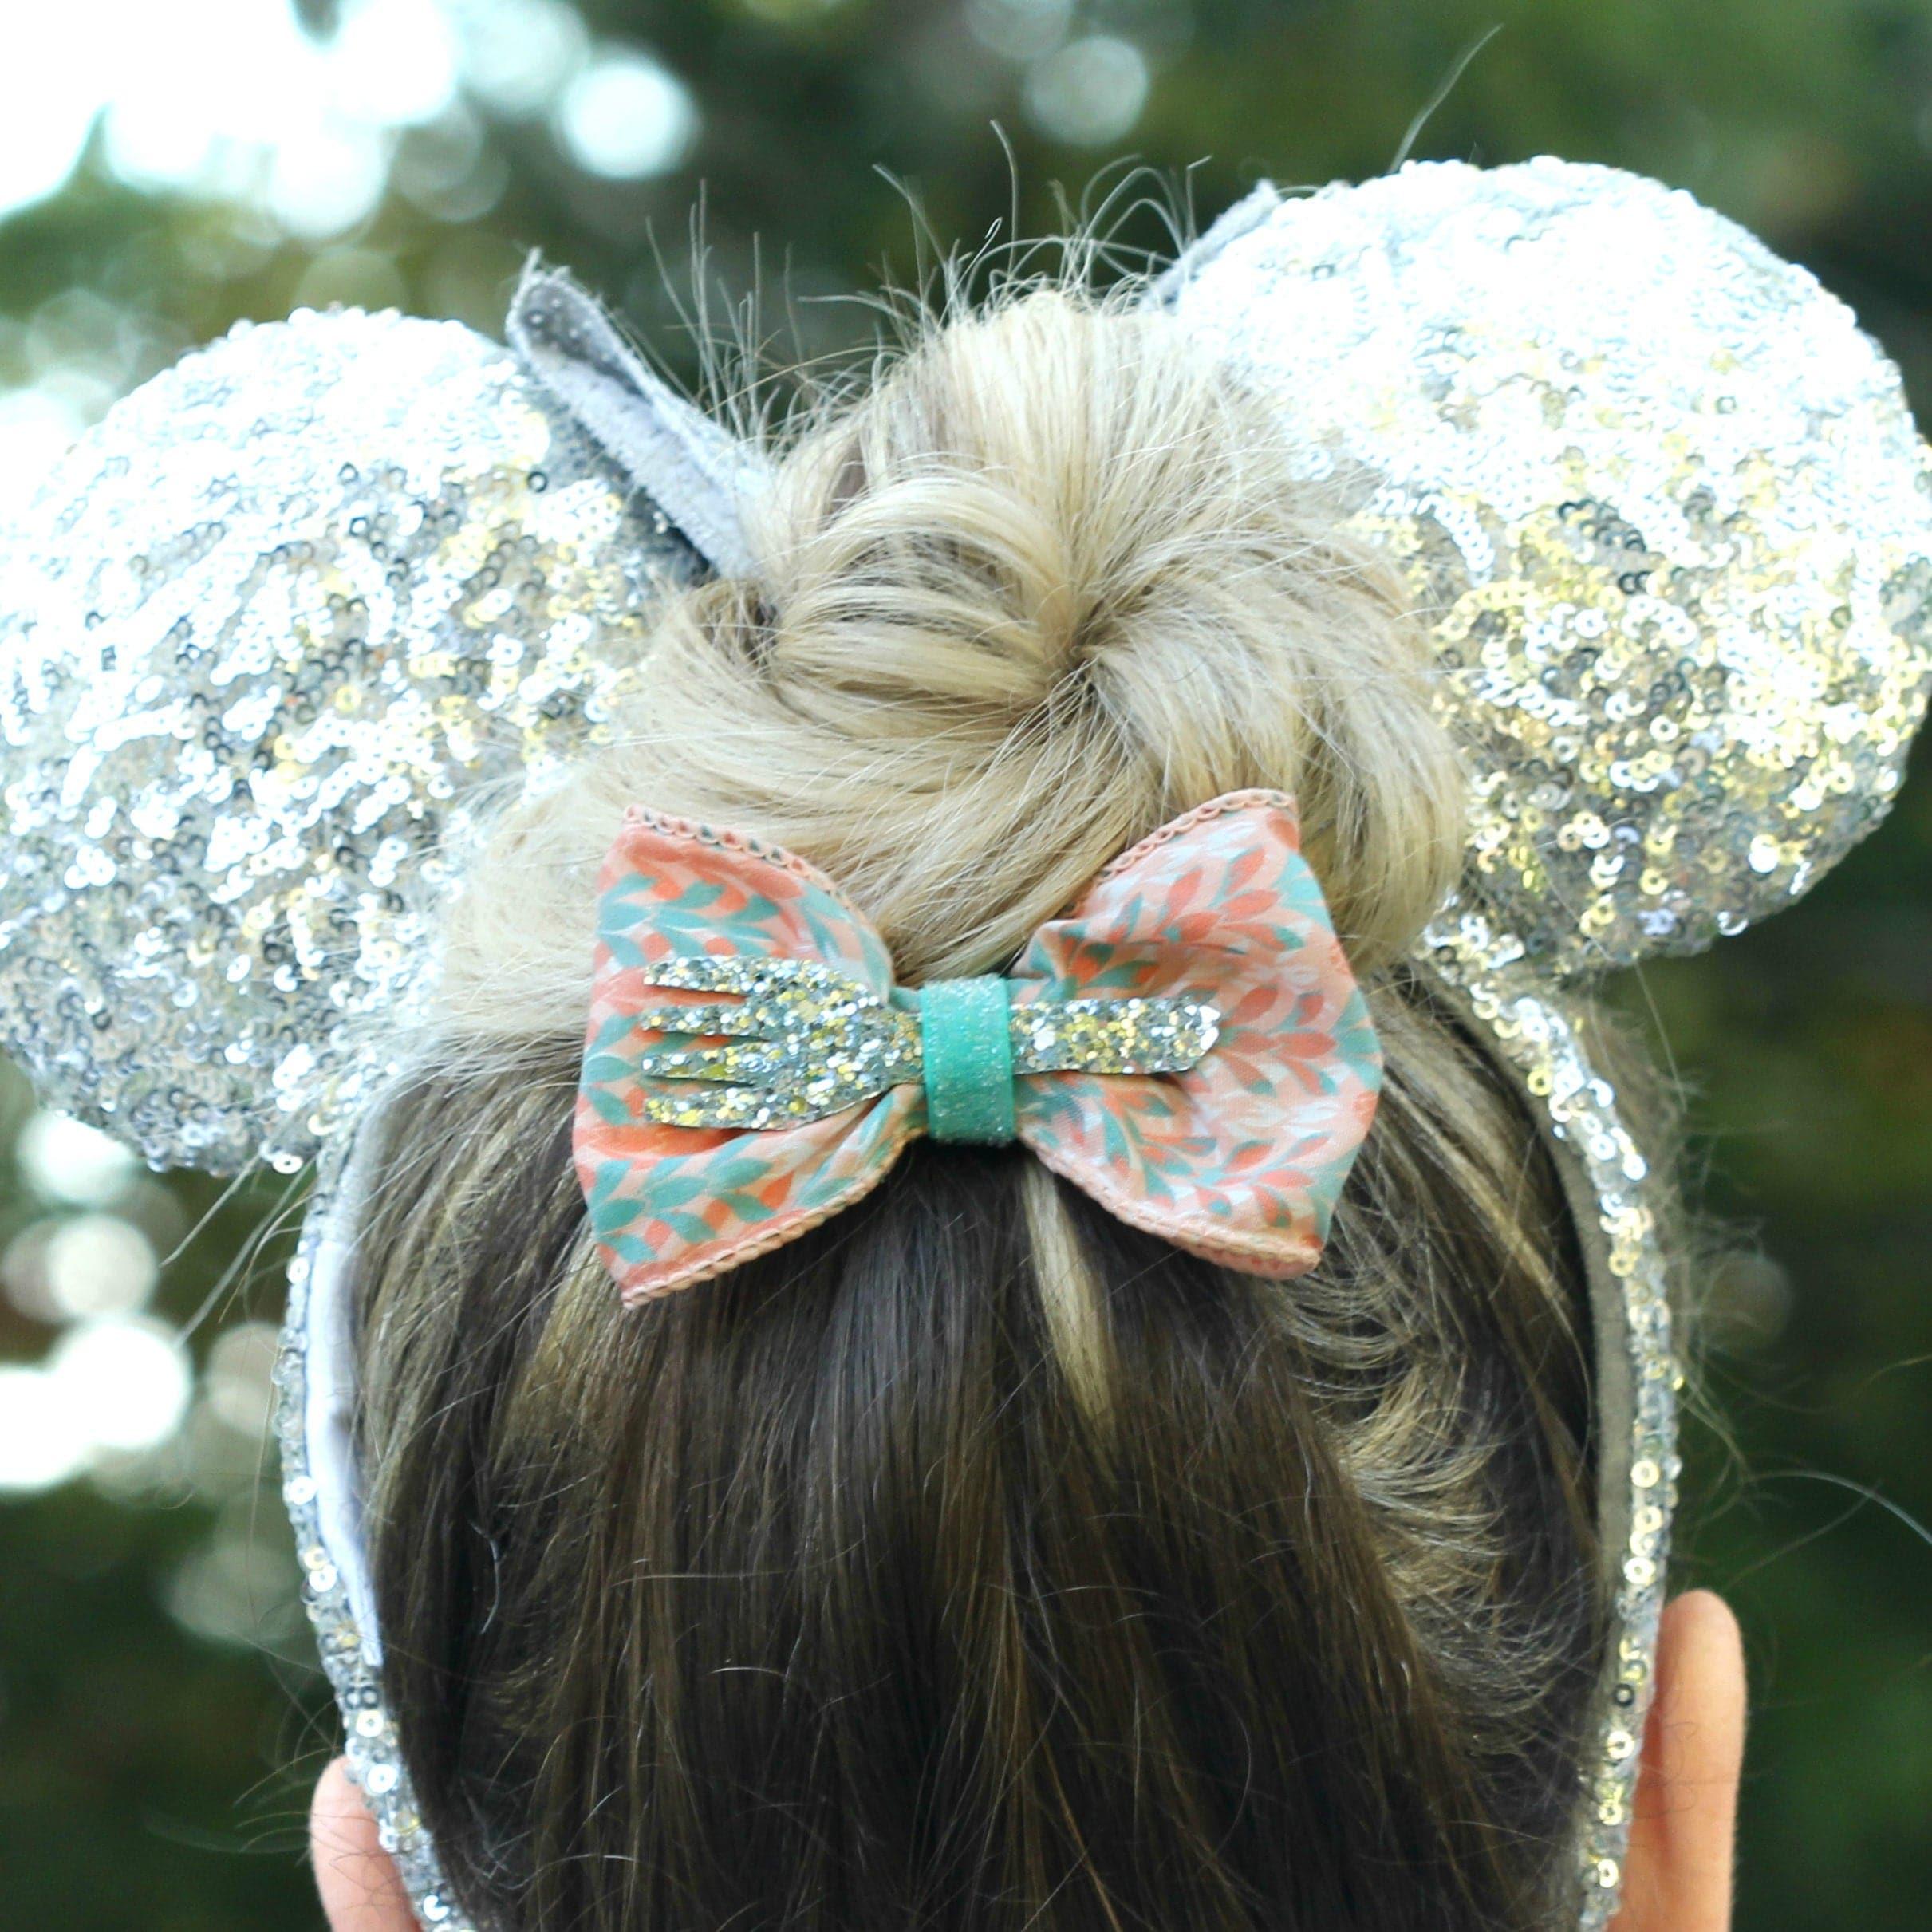 Image gallery mermaid hair - Image Gallery Mermaid Hair 80